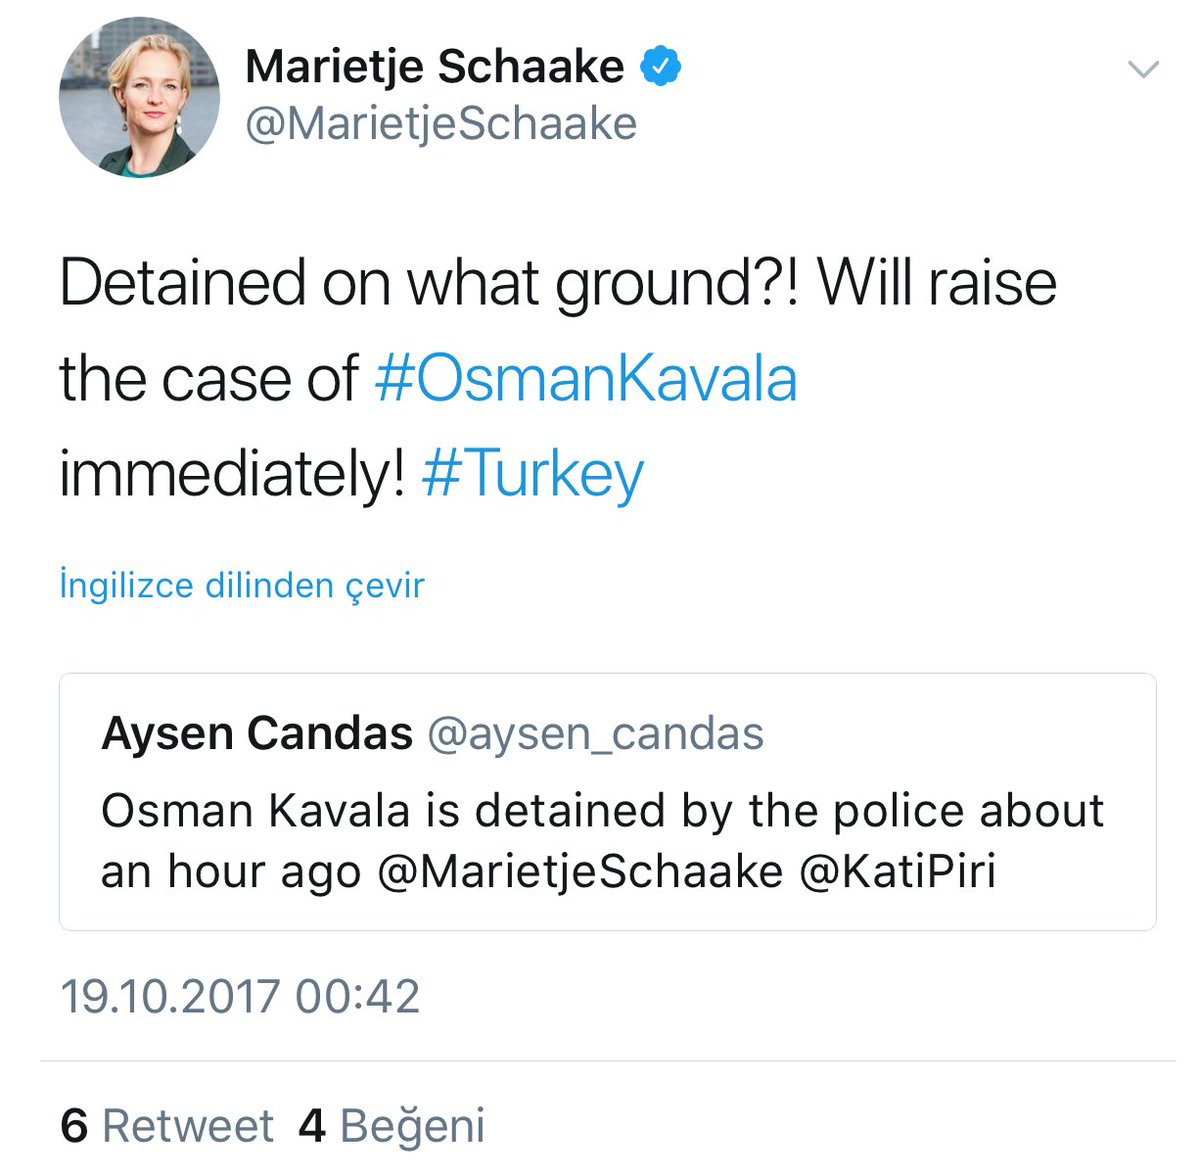 Anlaşıldı, Osman Kavala'da bu ülke vatan...